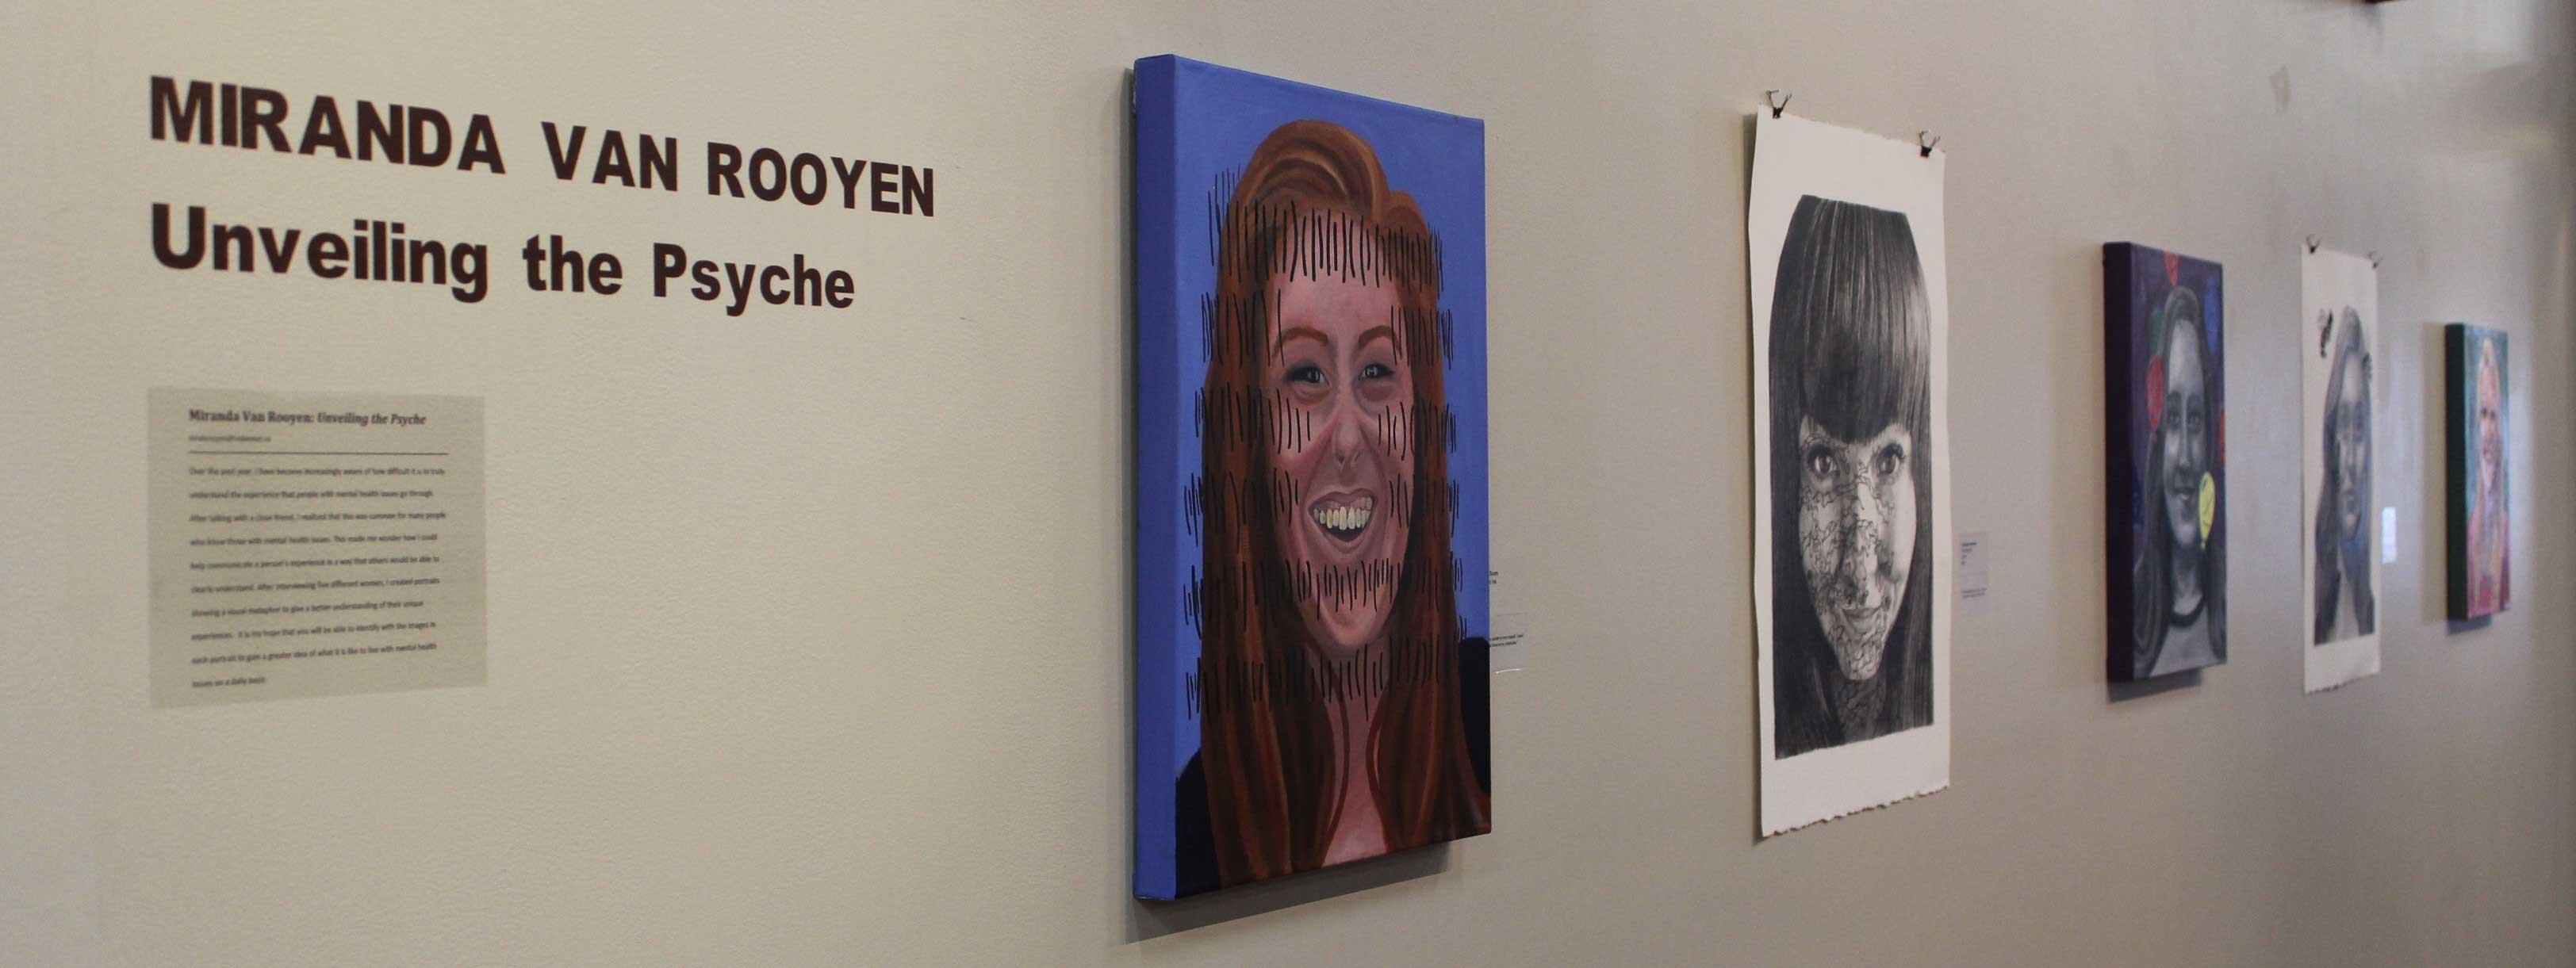 Miranda Van Rooyen's art exhibit.